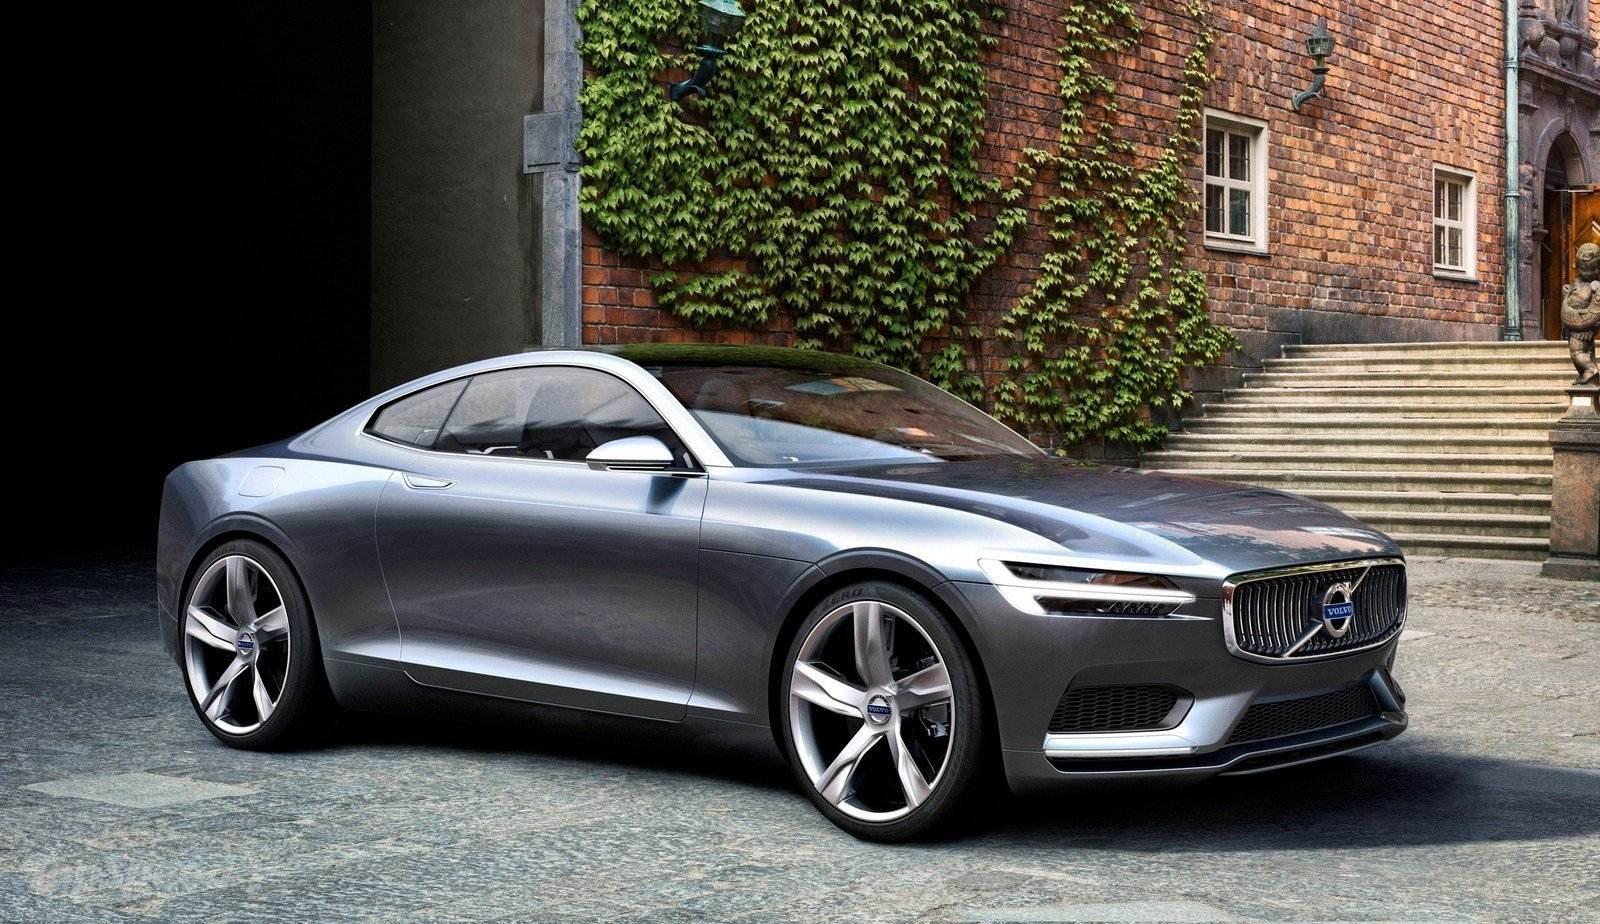 volvo-concept-coupe-41_1600x0w